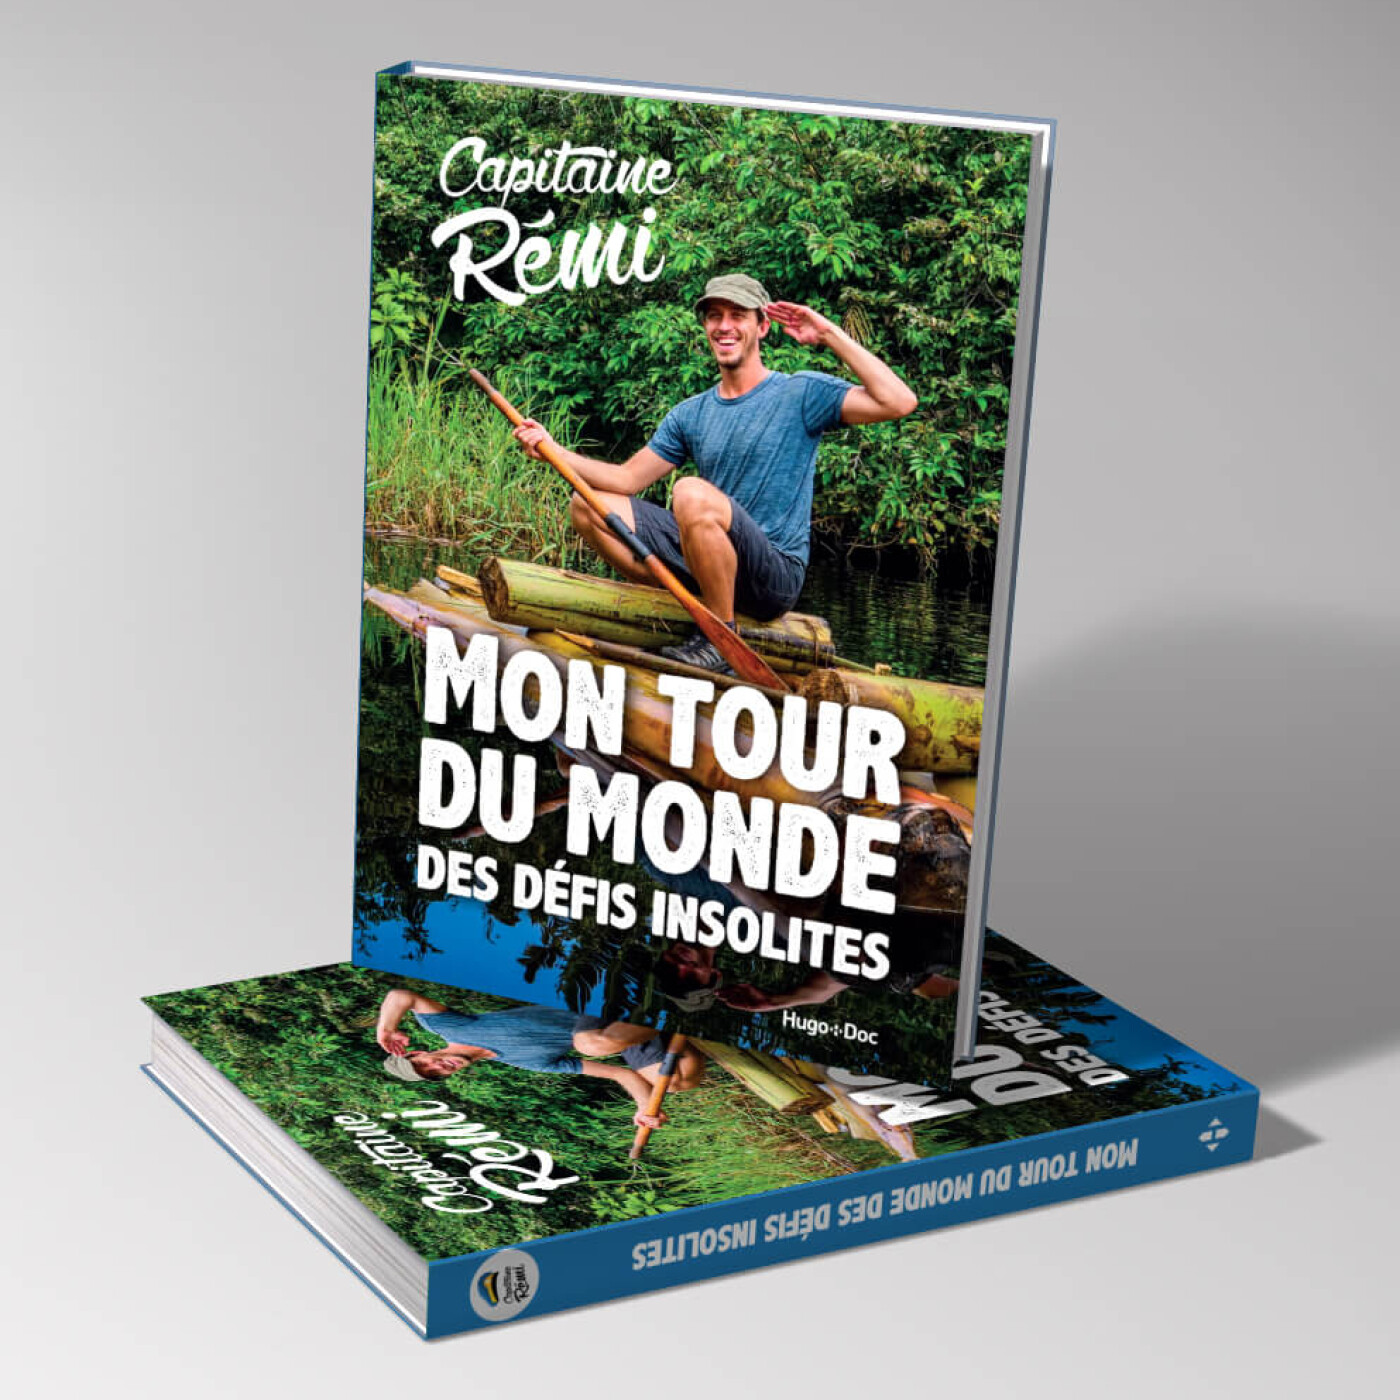 Capitaine Rémi présente son livre Mon tour du monde des défis insolites - 08 04 21 - StereoChic Radio